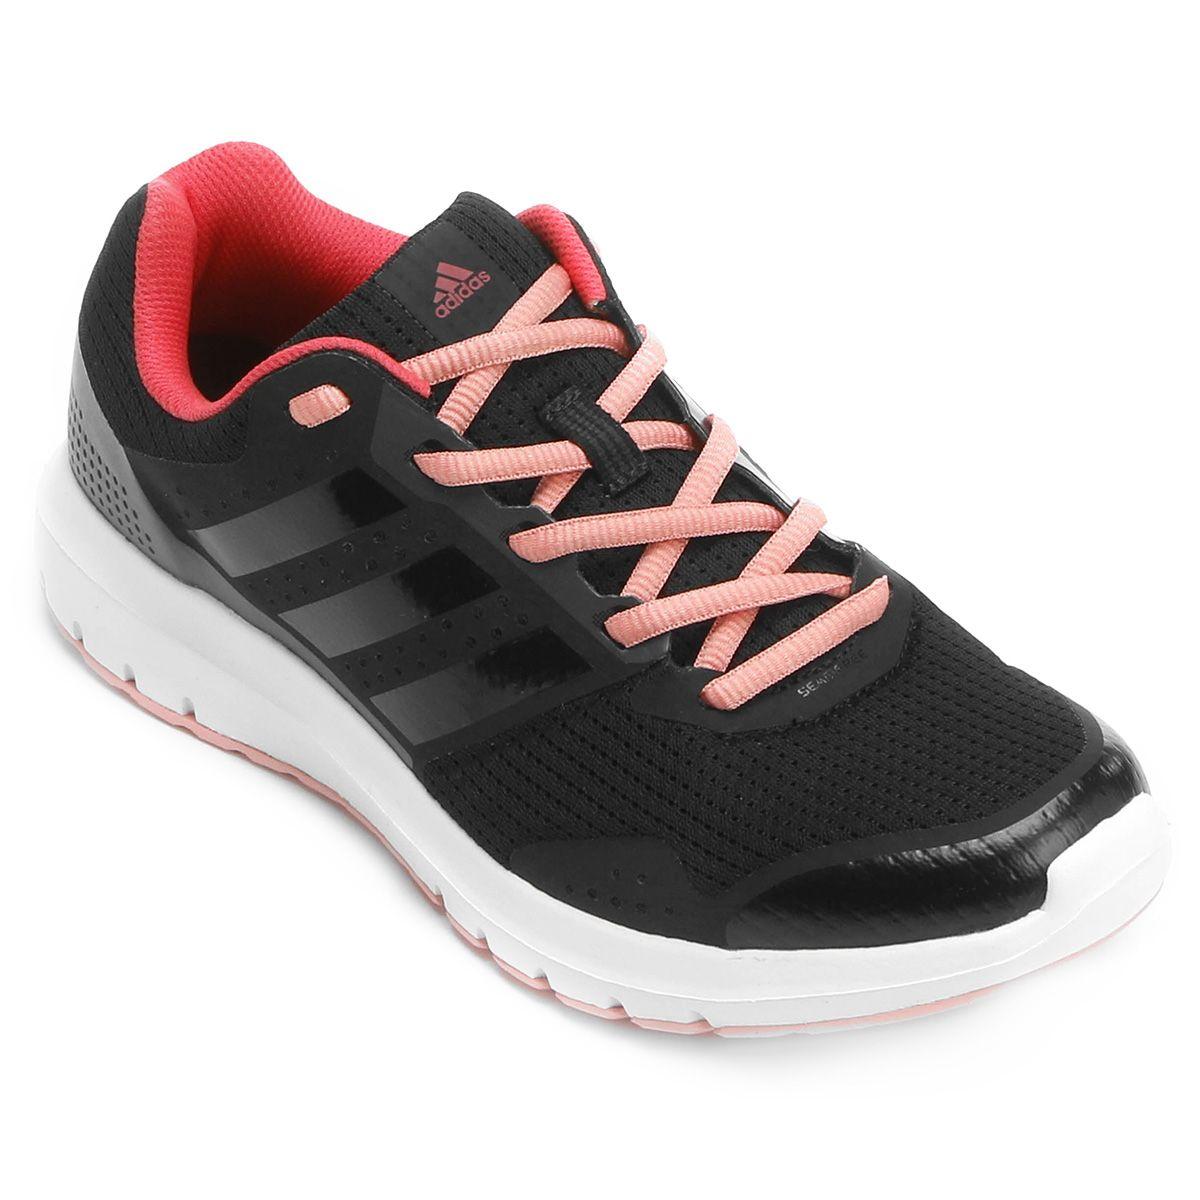 c10957a6e34 Tênis Adidas Duramo 7 Feminino Preto e Rosa